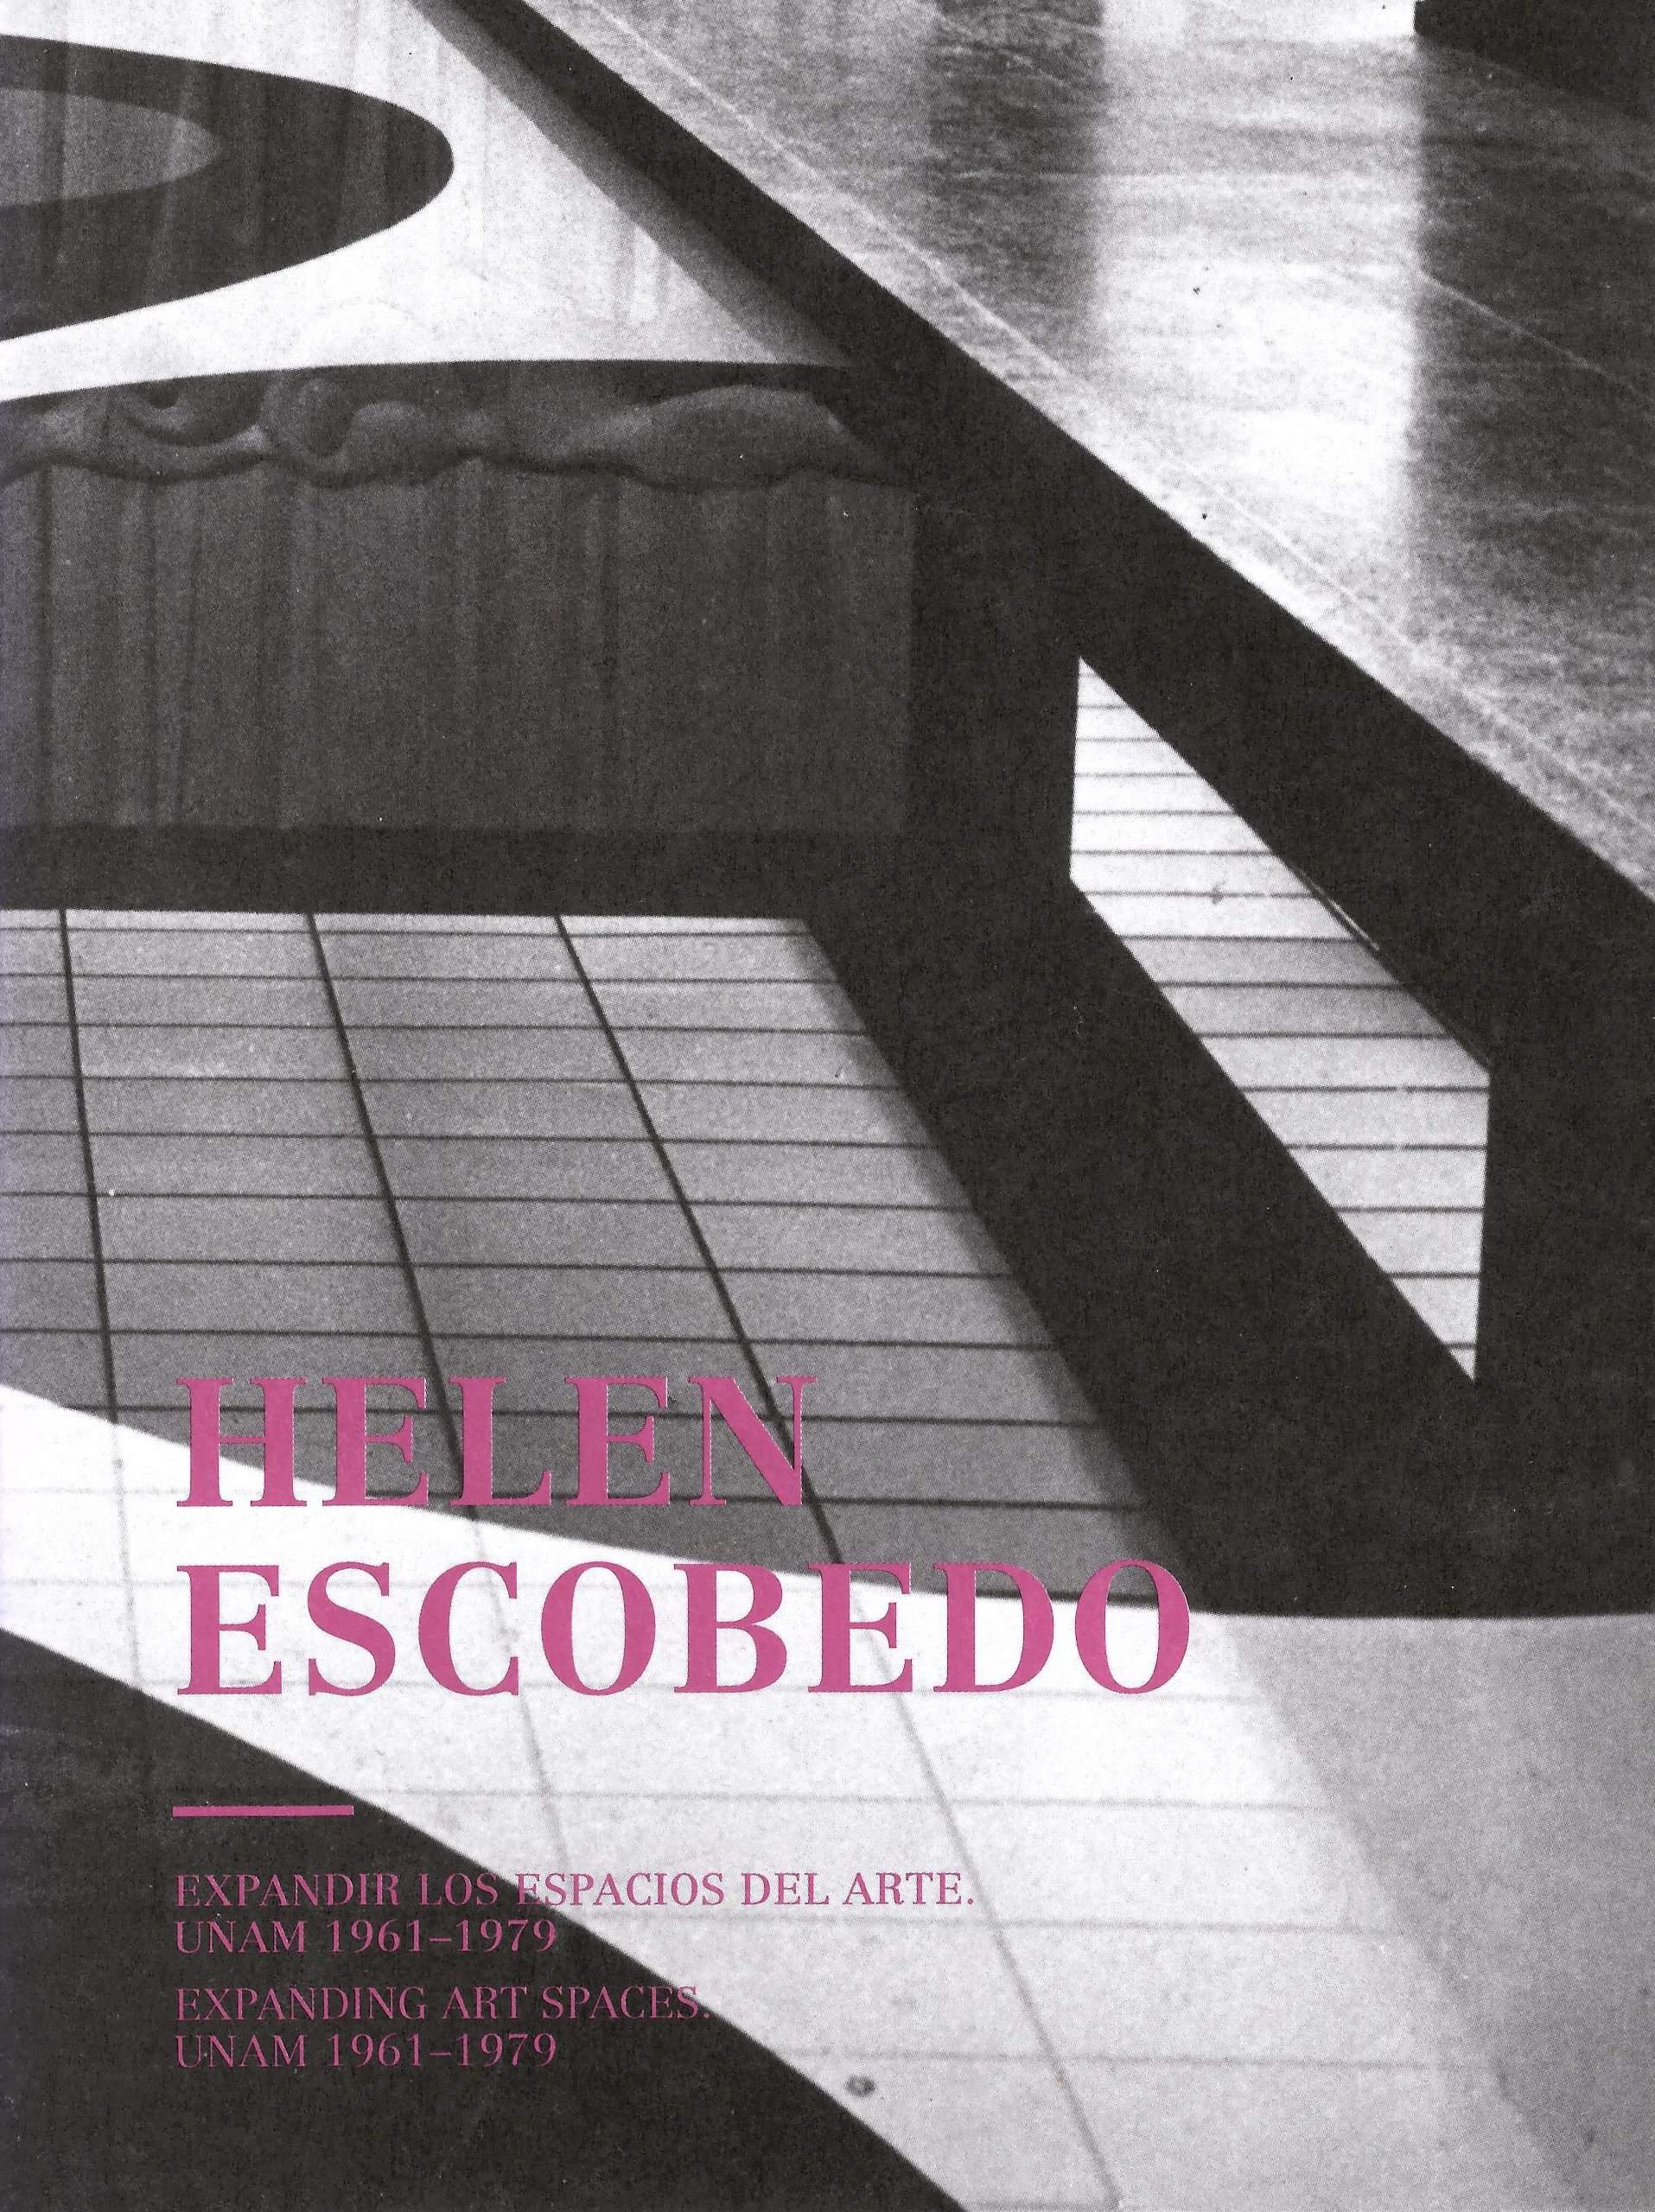 Helen Escobedo. Expandir los espacios del arte. UNAM 1961-1979 Expanding art space UNAM 1961-1979